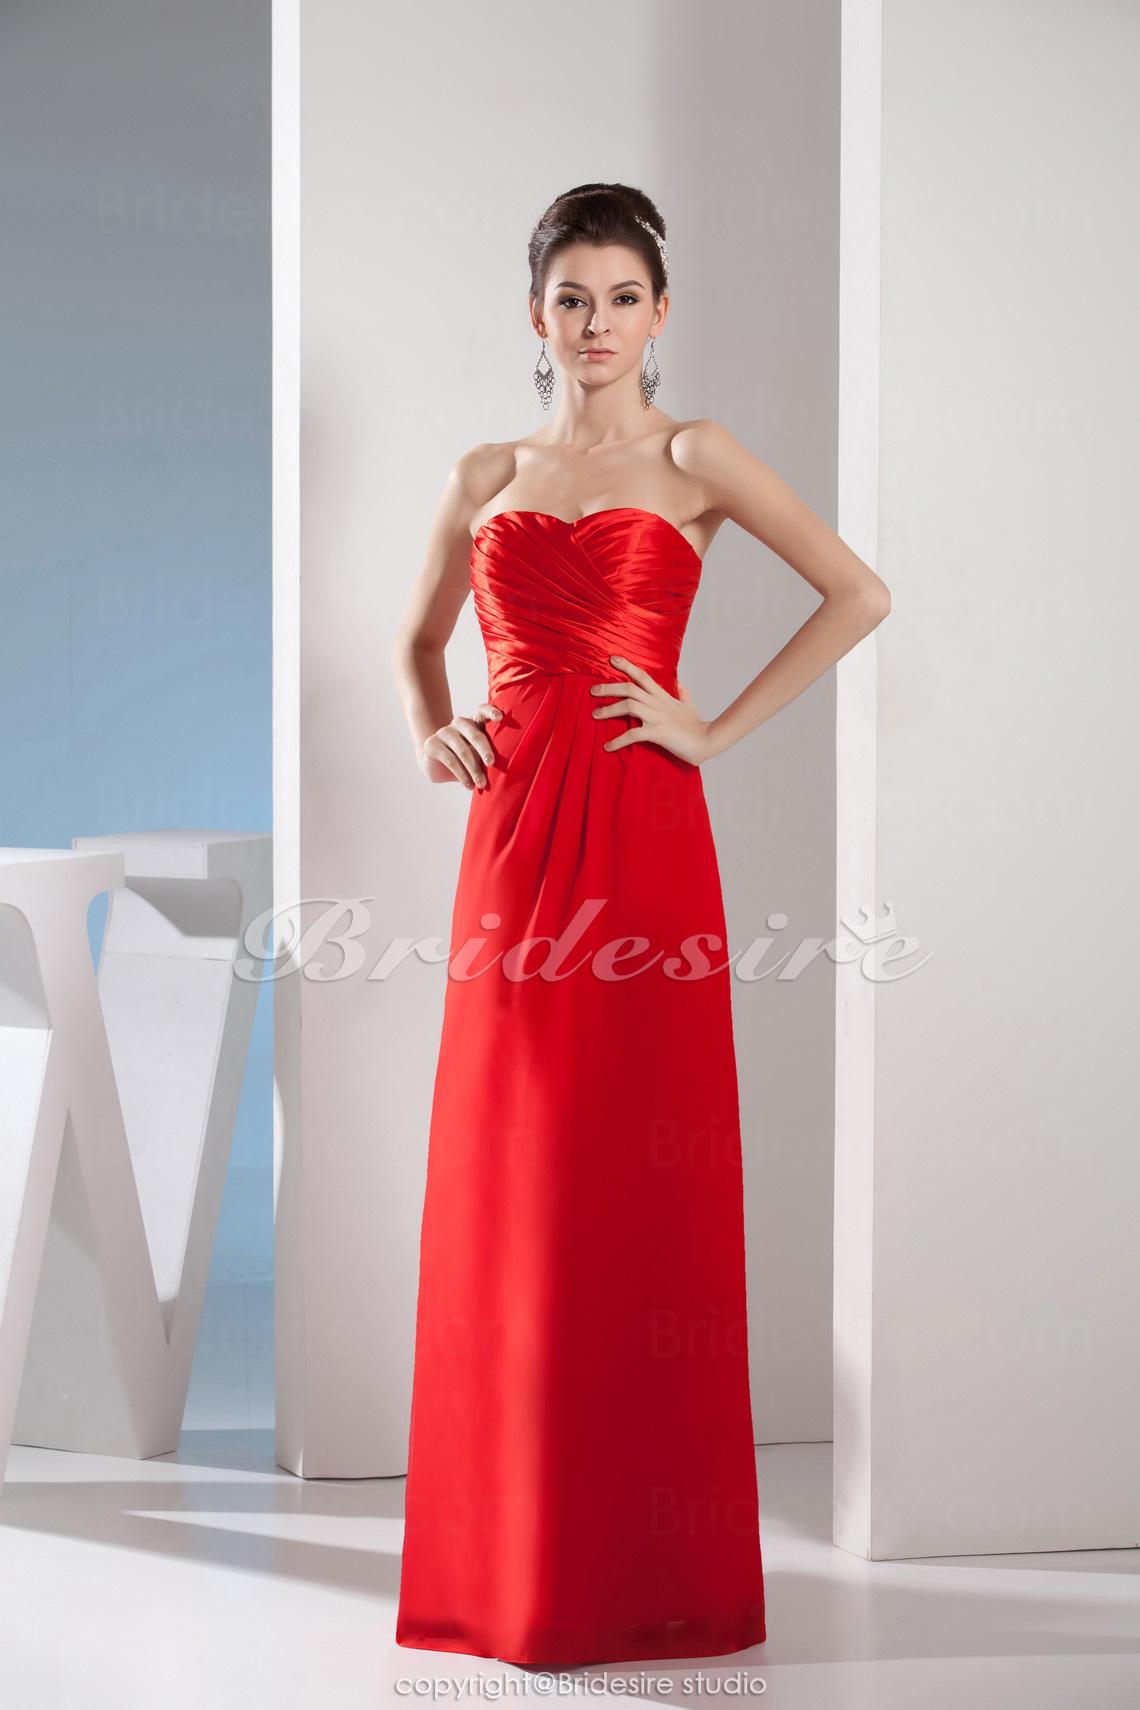 a8fca4315 Bridesire - Corte Recto Escote Corazón Hasta el Suelo Sin Mangas Satén  Vestido  BD4635  - €83.56   Bridesire